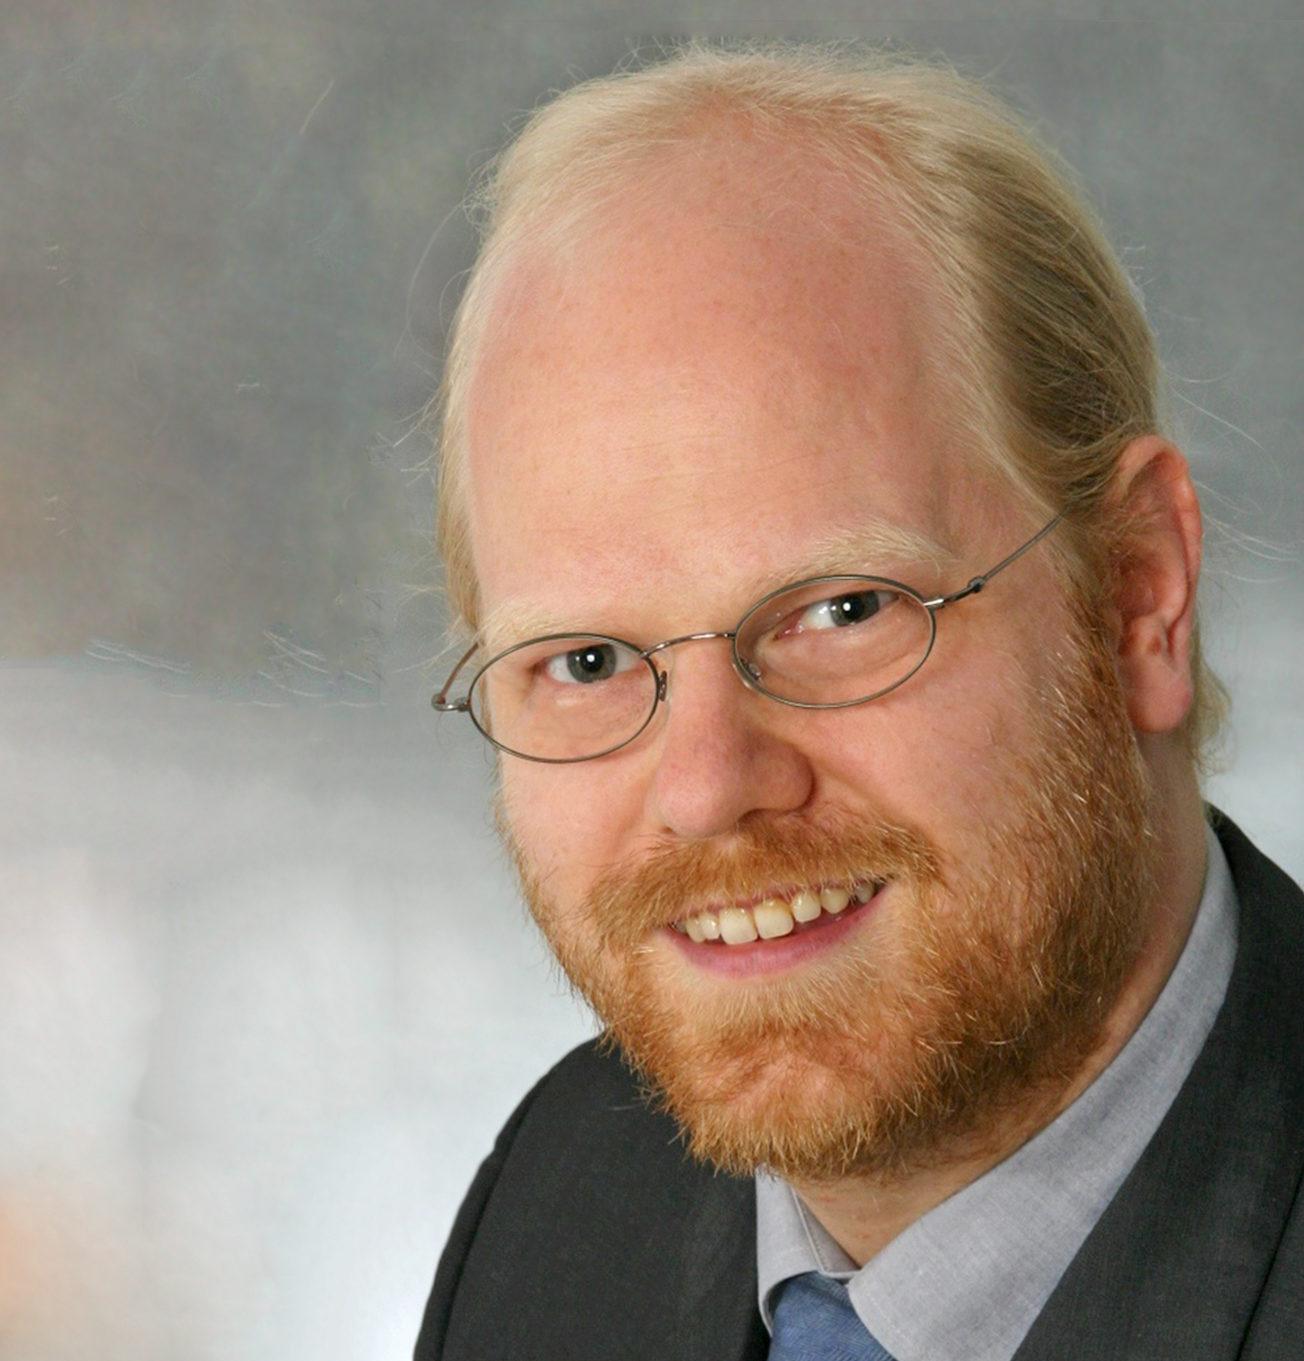 Prof. Rainer Röhrig